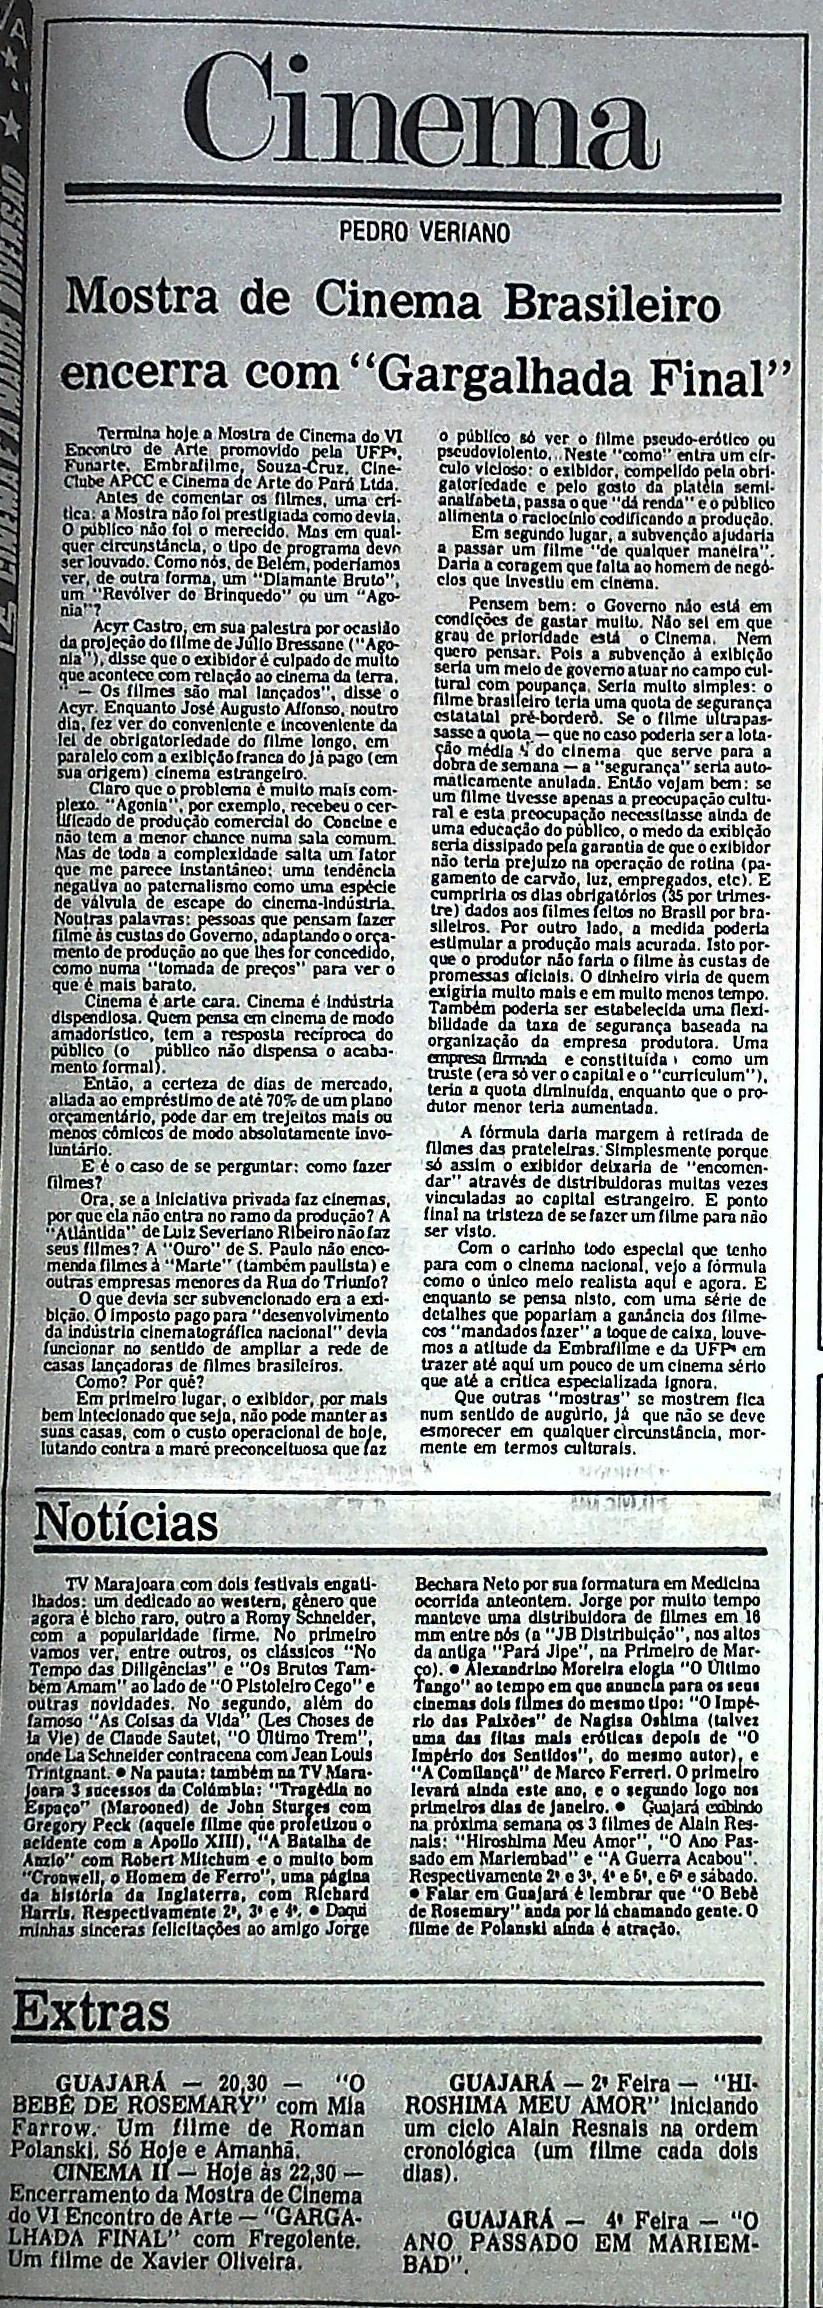 Pedro Veriano 1979 Provincia